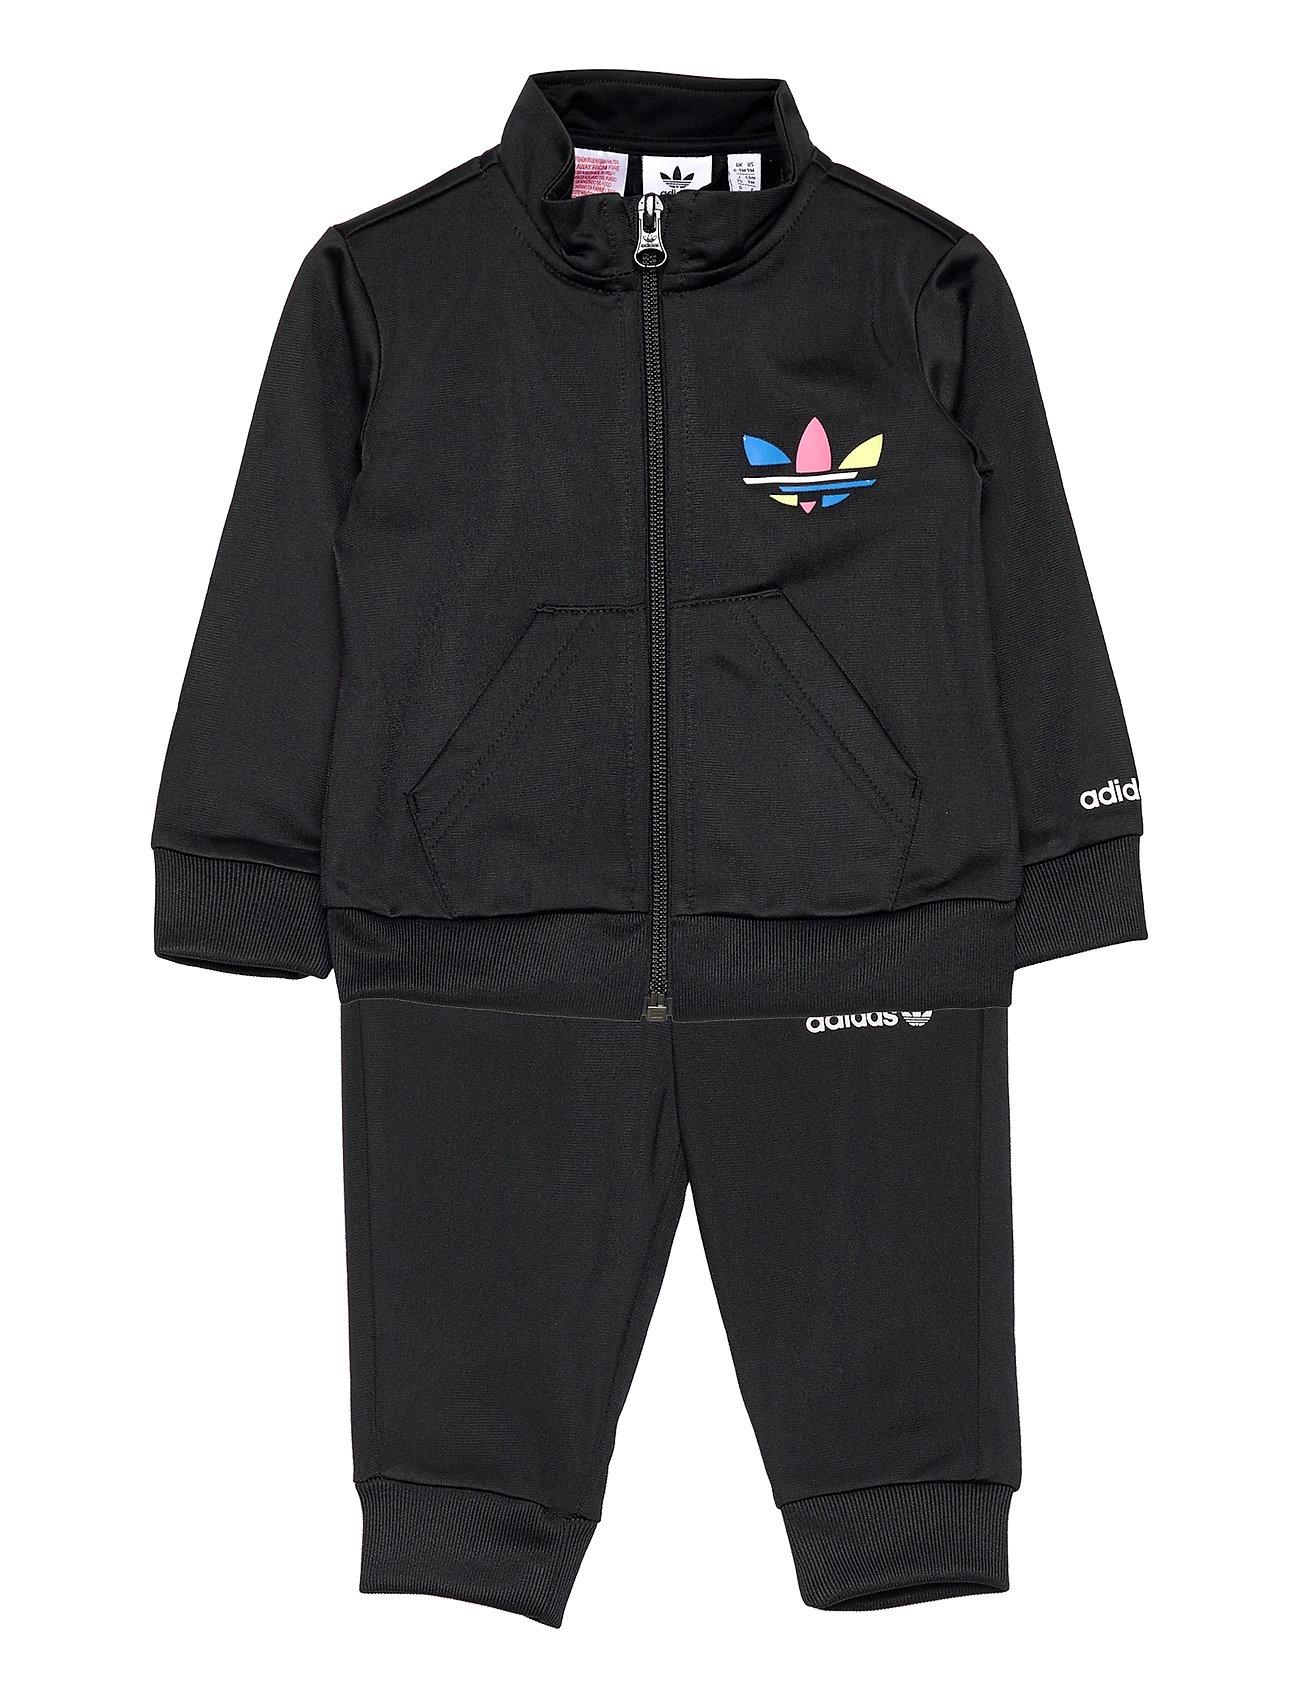 Adicolor Track Suit Tracksuit Sort Adidas Originals